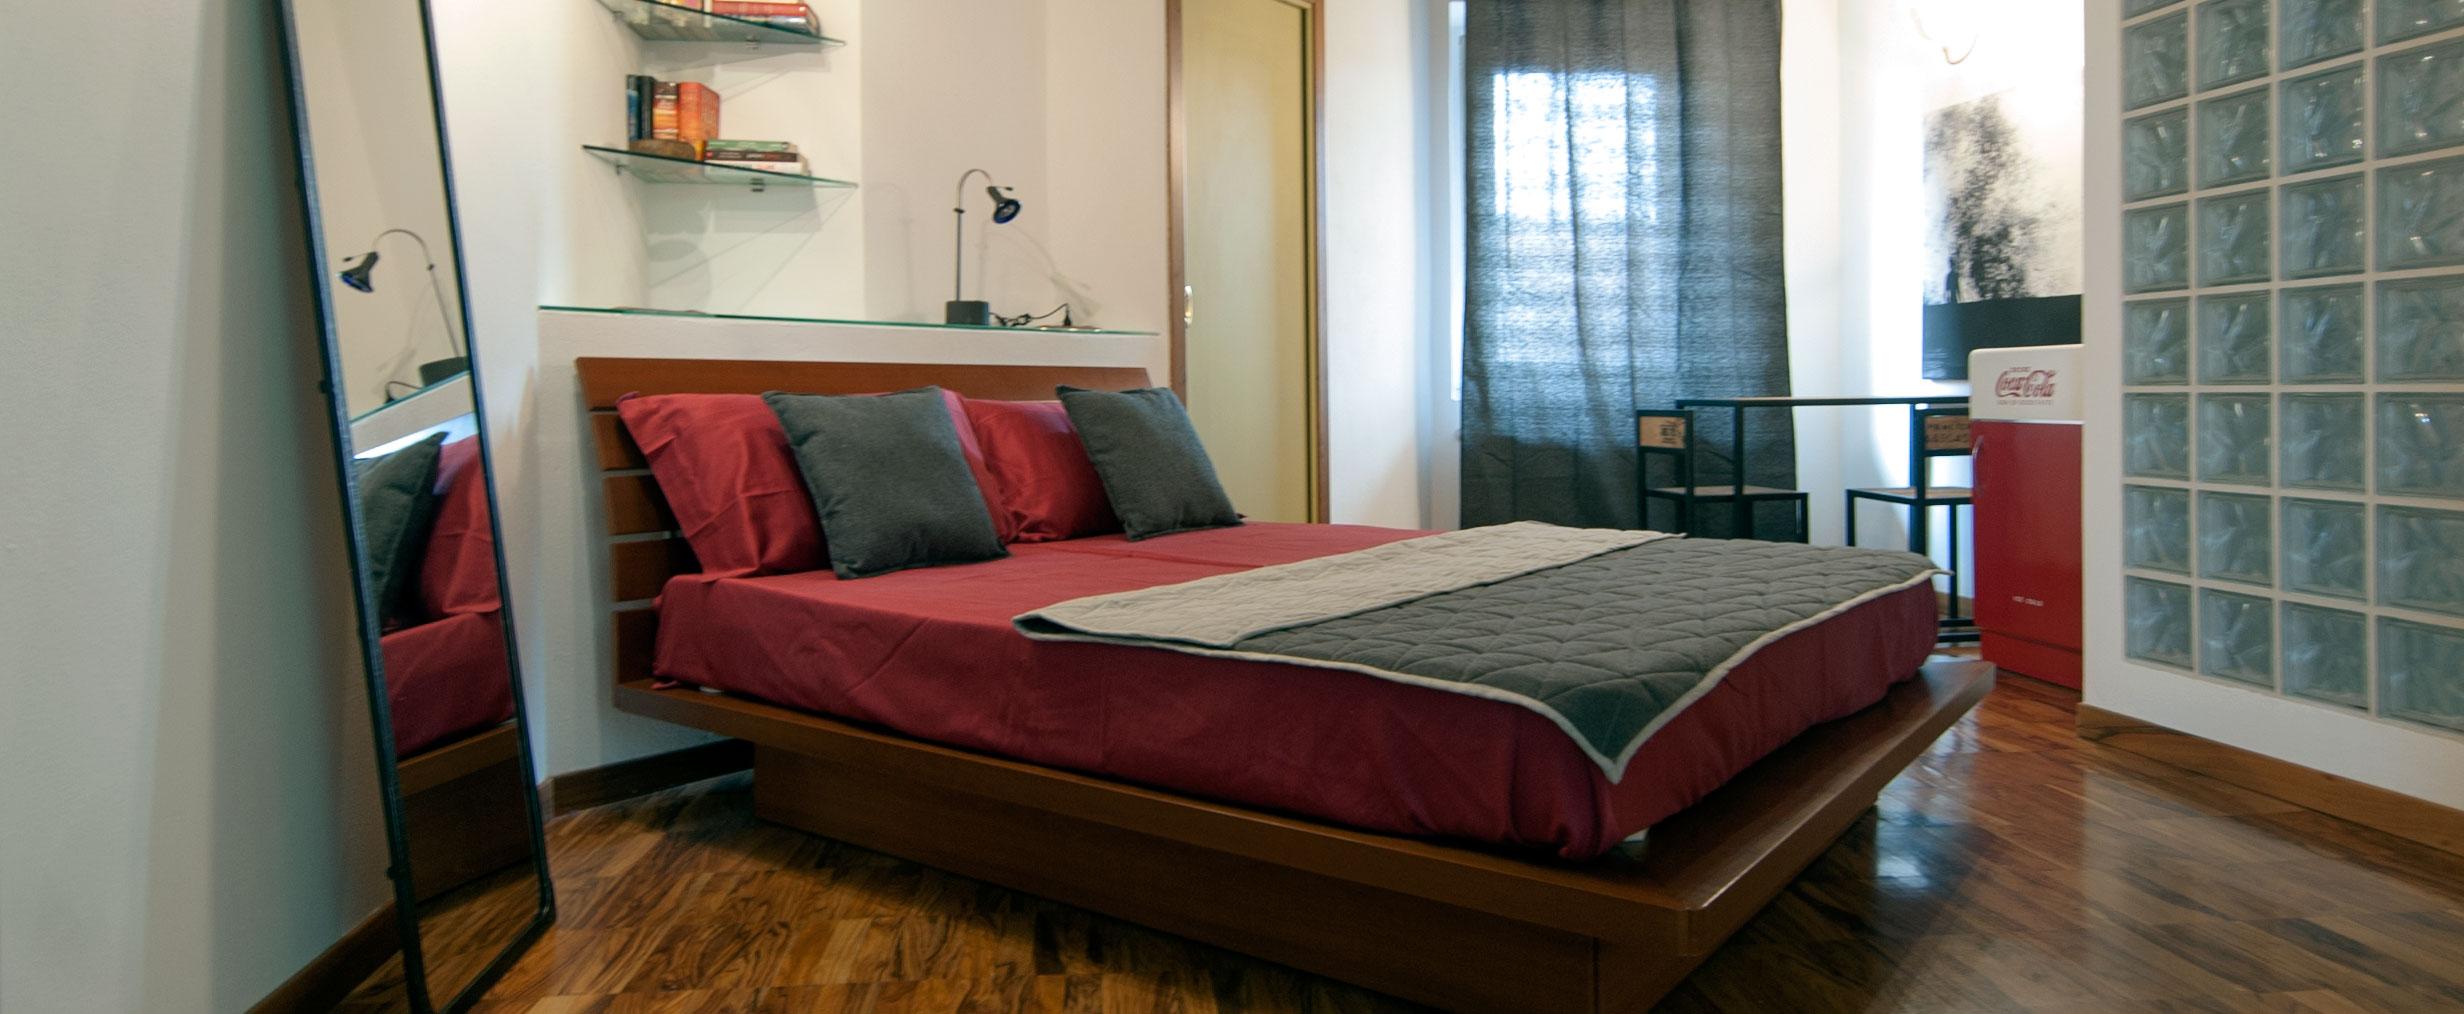 Bed and Breakfast Milano Pero Rho fiera